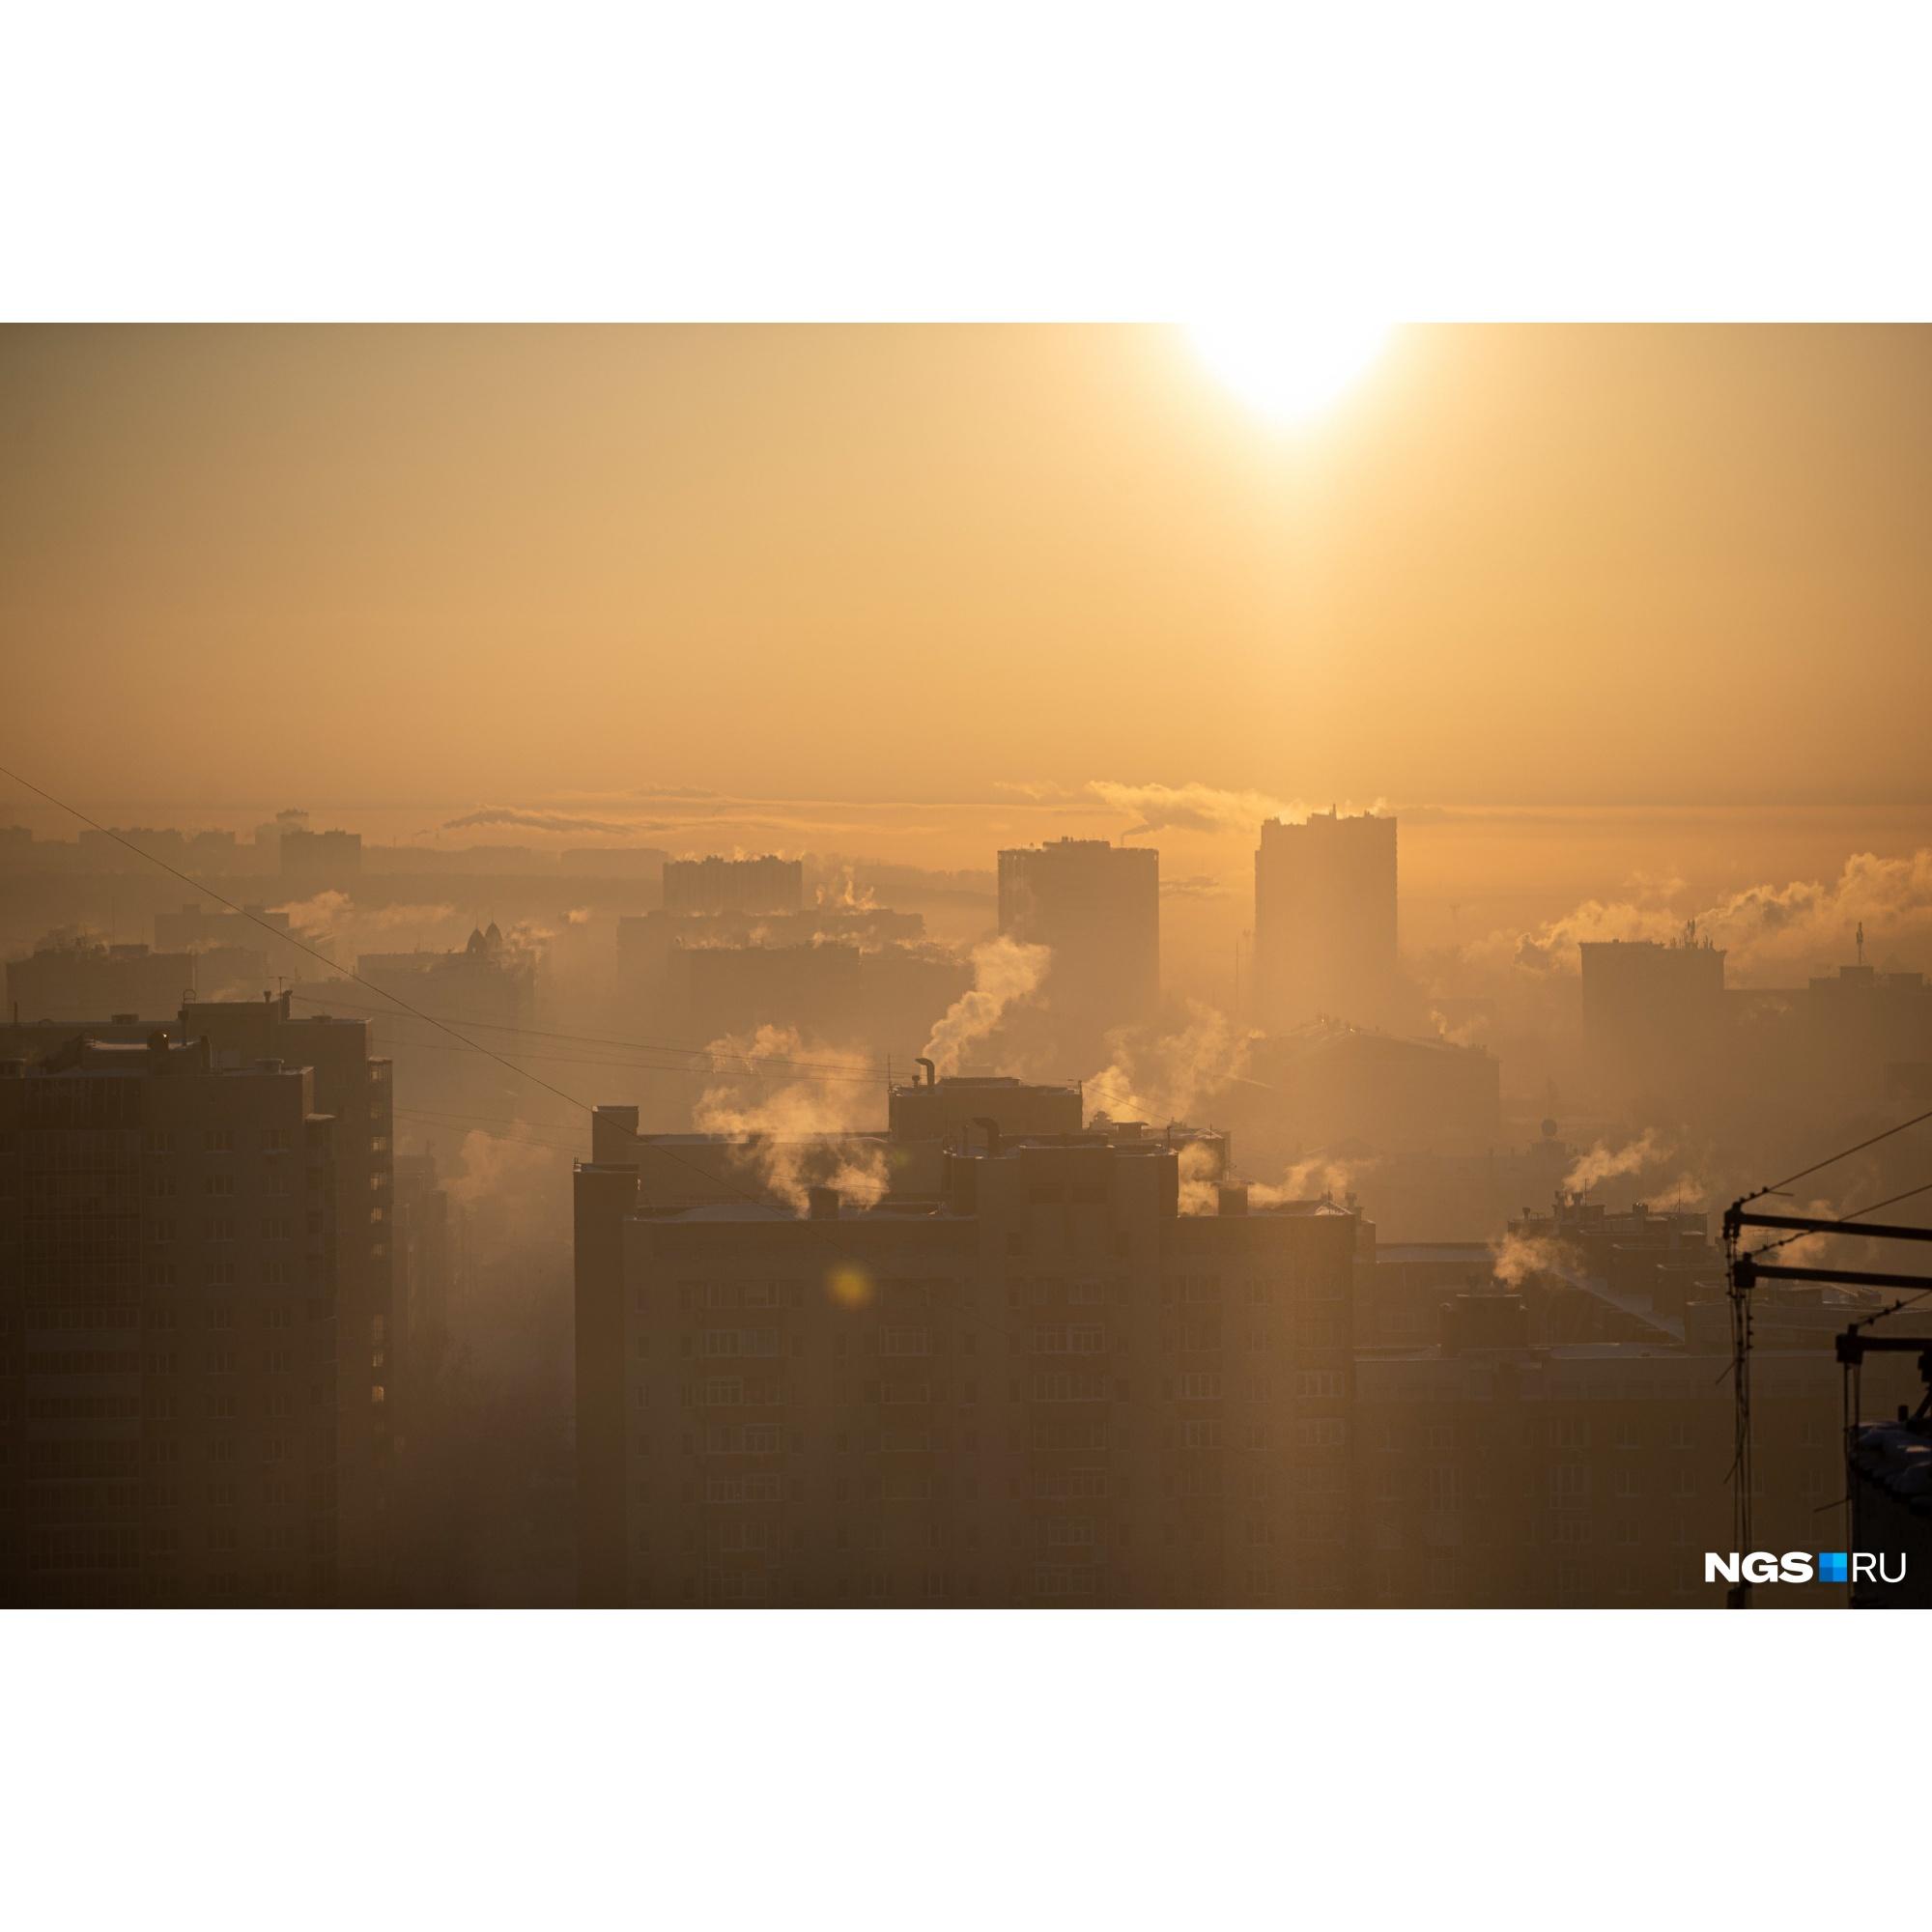 """В городе даже <a href=""""https://ngs.ru/text/gorod/2021/01/25/69724296/?utm_source=vk&amp;utm_medium=social&amp;utm_campaign=ngs"""" target=""""_blank"""" class=""""_"""">ввели режим неблагоприятных метеорологических условий</a> — из-за морозной безветренной погоды в воздухе могут накапливаться загрязняющие вещества"""